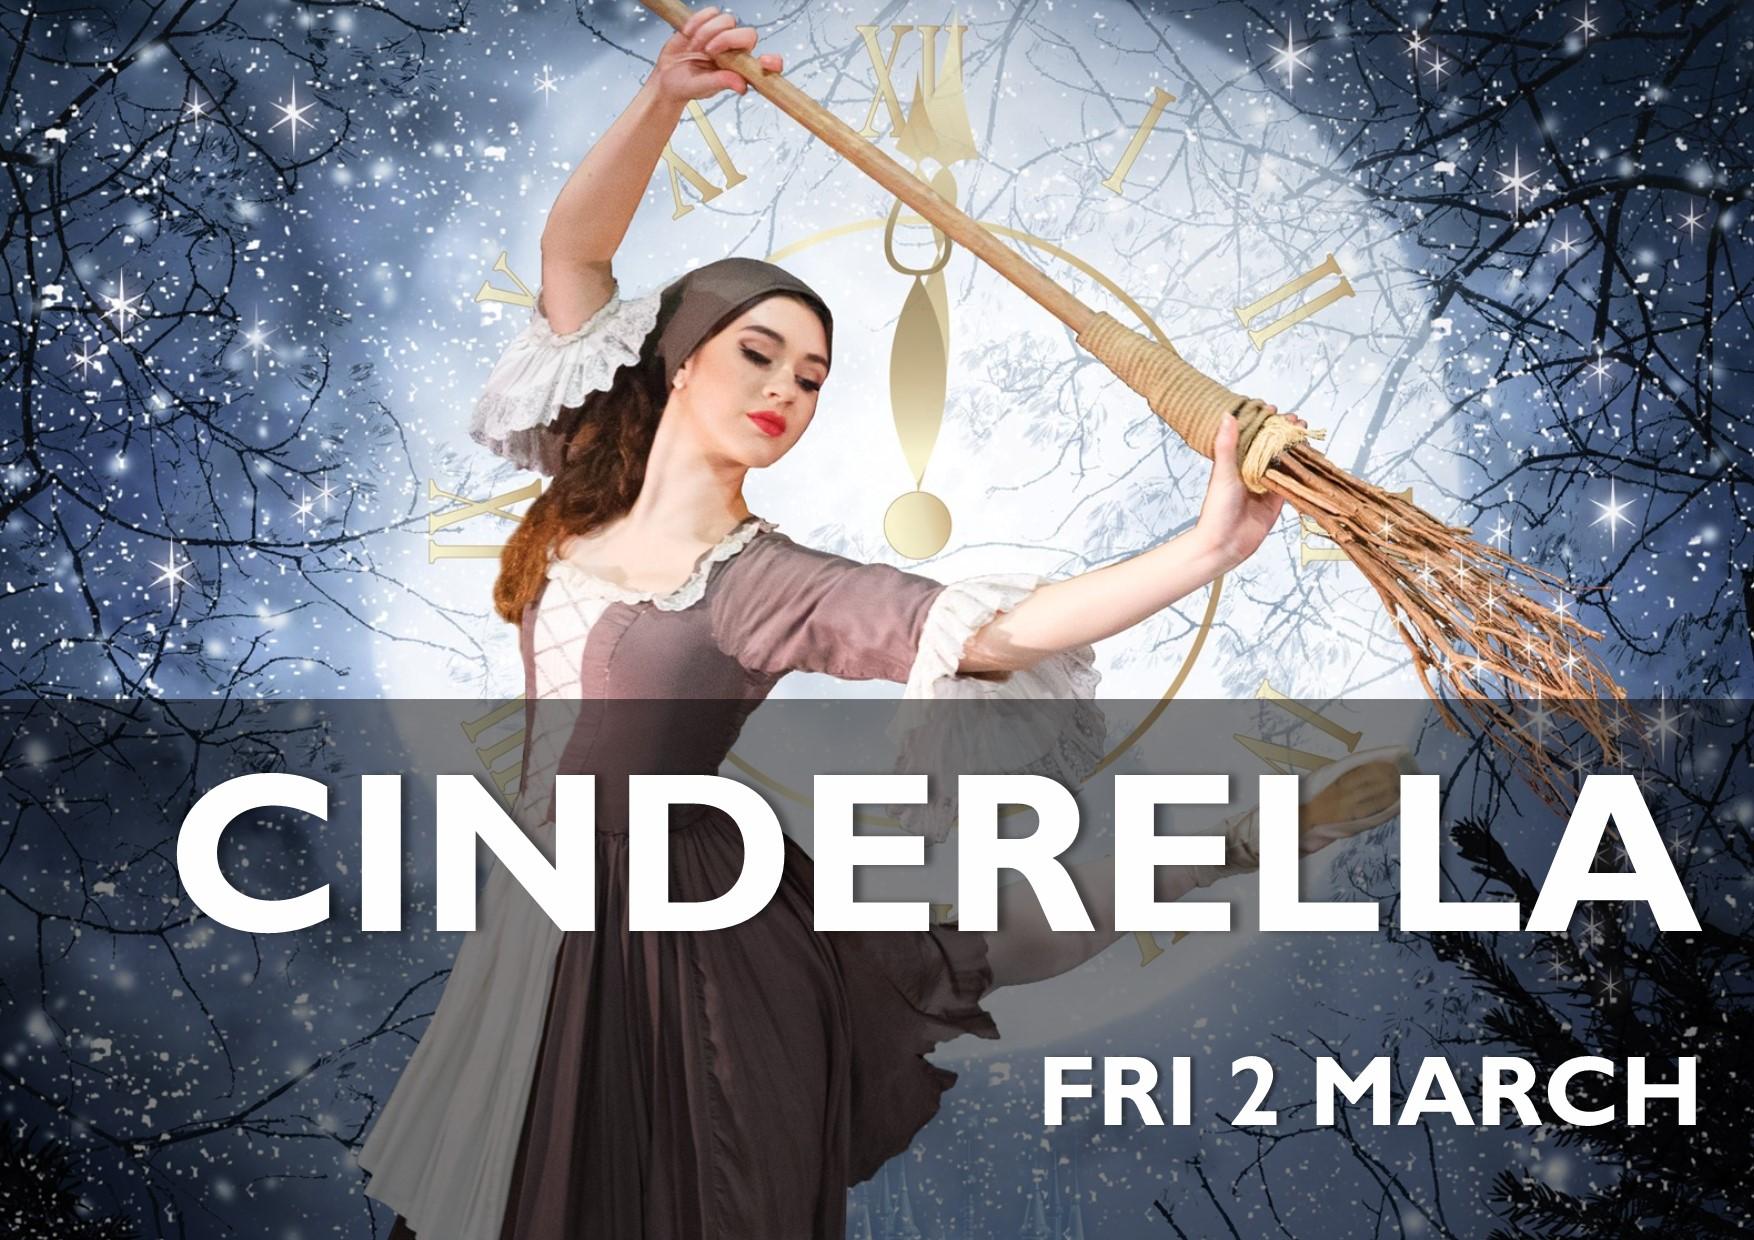 Cinderella - 2 March